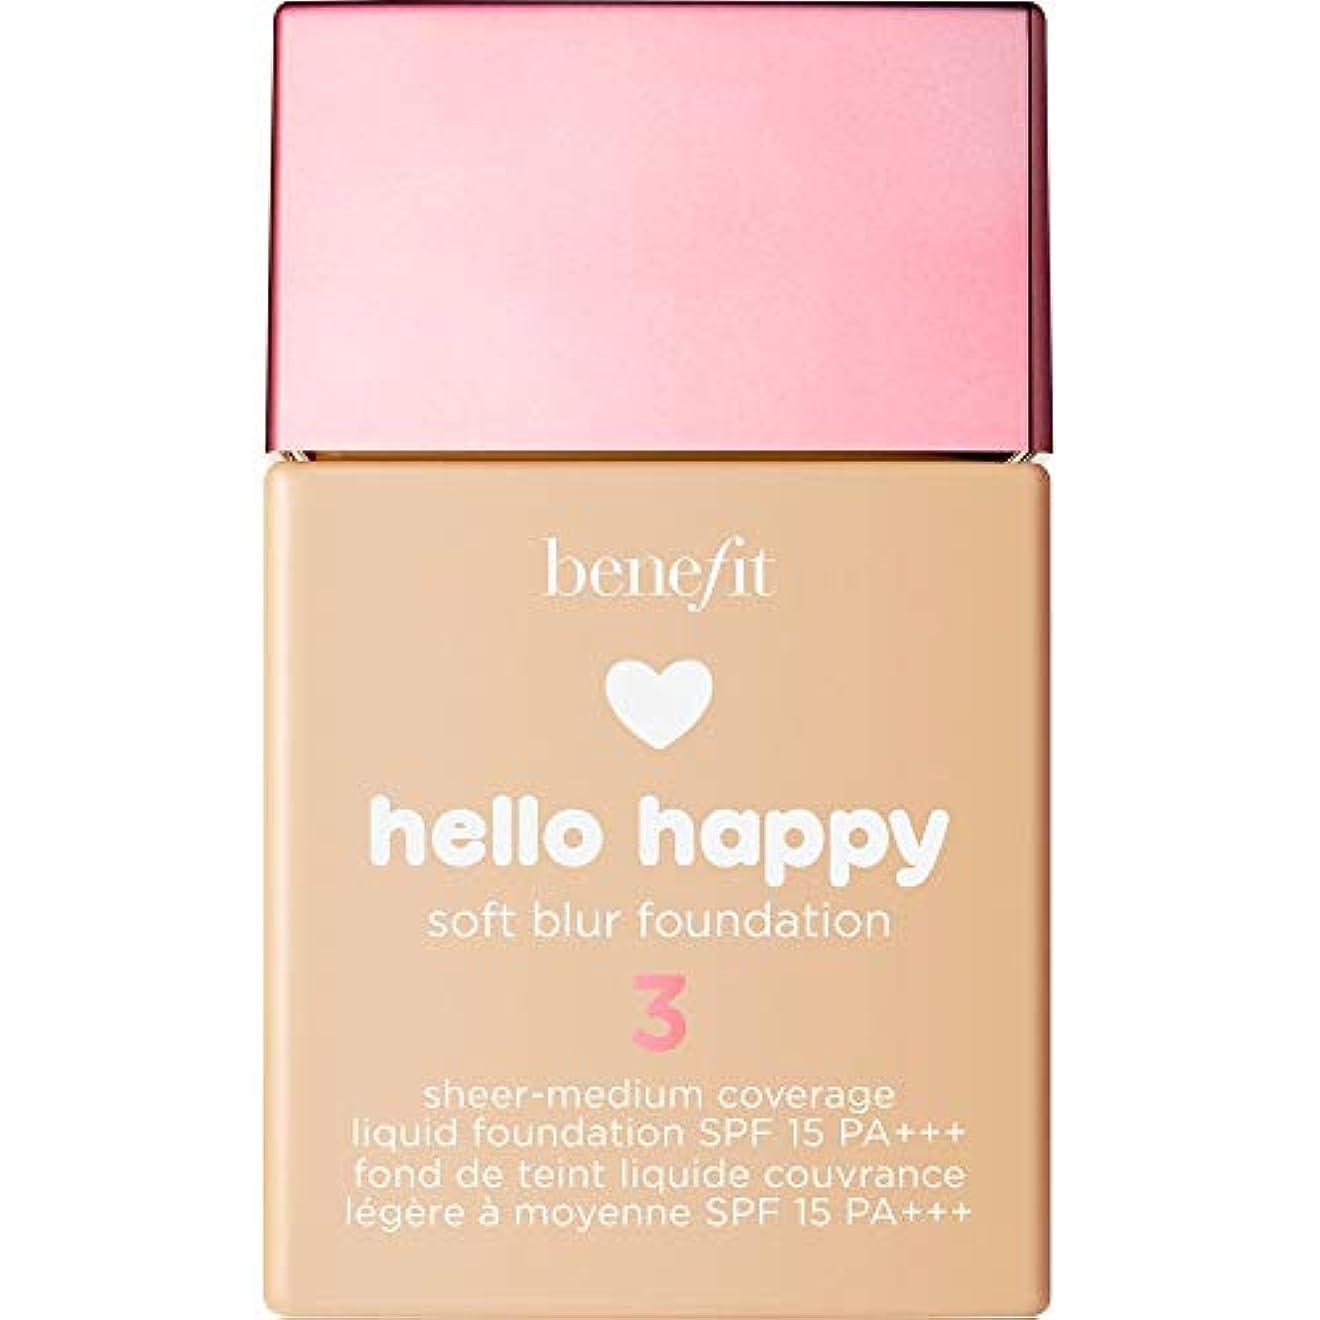 コンソールミシン目[Benefit ] 利益こんにちは幸せなソフトブラー基礎Spf15 30ミリリットル3 - ニュートラルライト - Benefit Hello Happy Soft Blur Foundation SPF15 30ml...